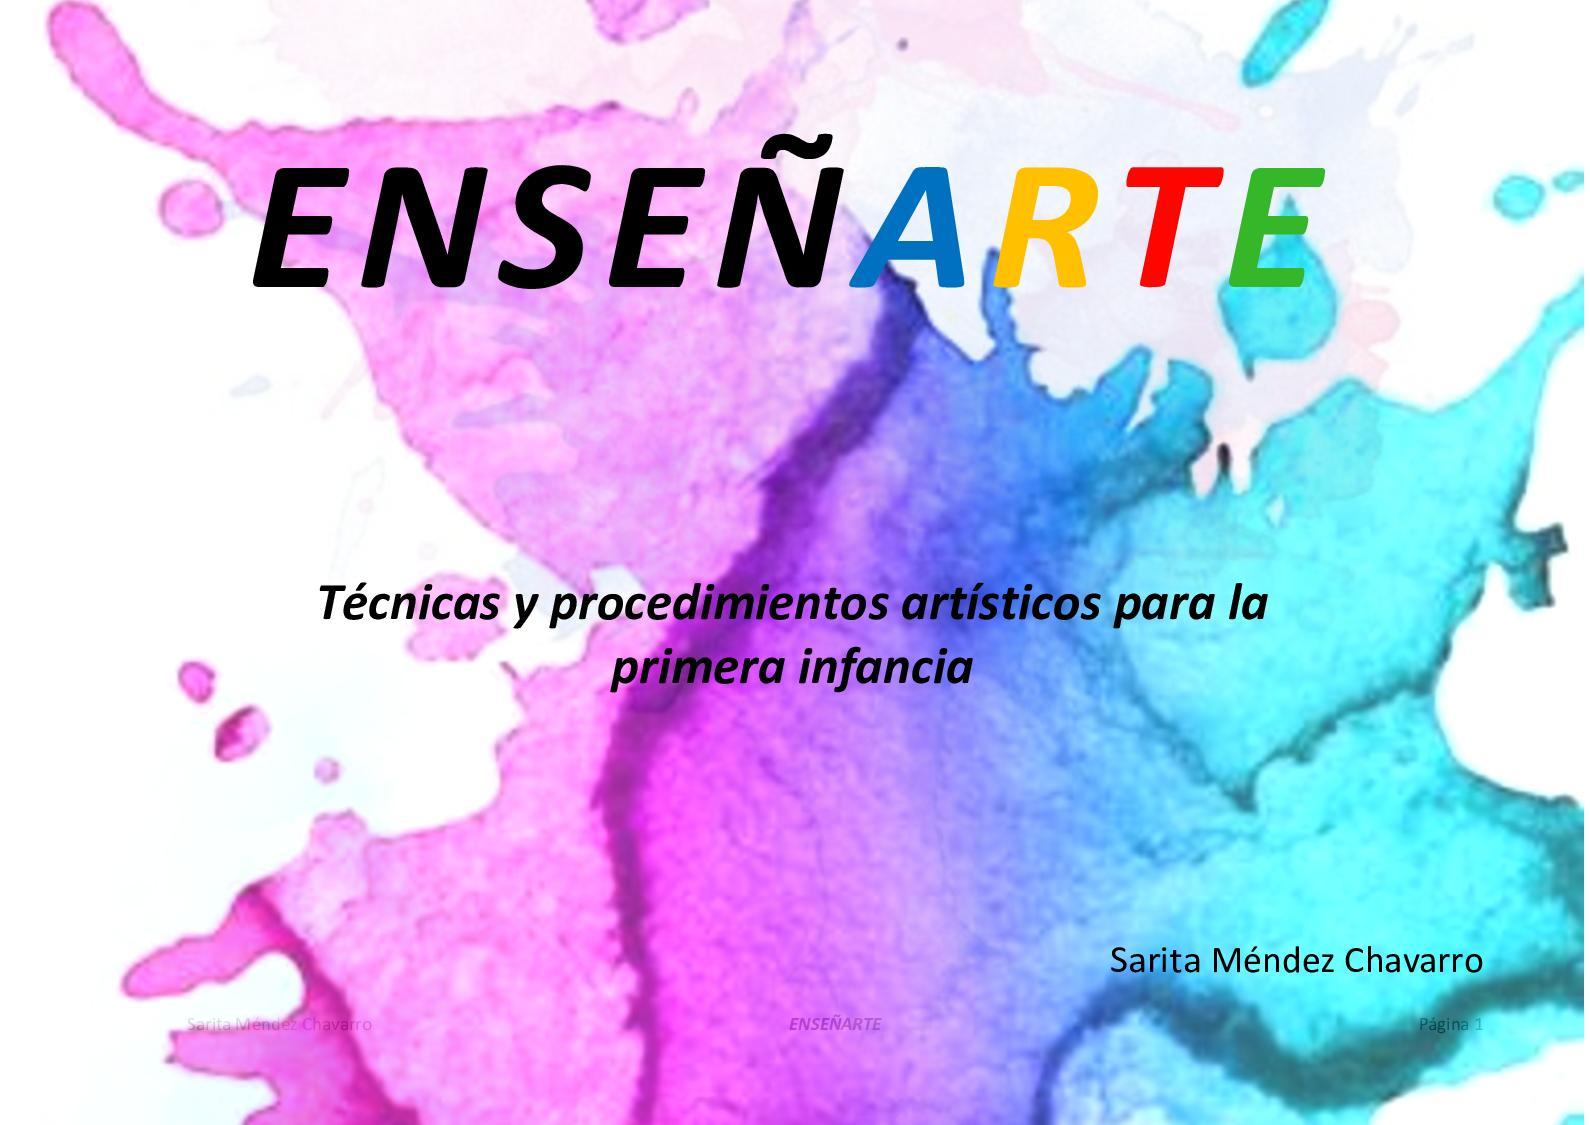 De Calaméo Libro Mendez Sarita Arte UqMSzpV